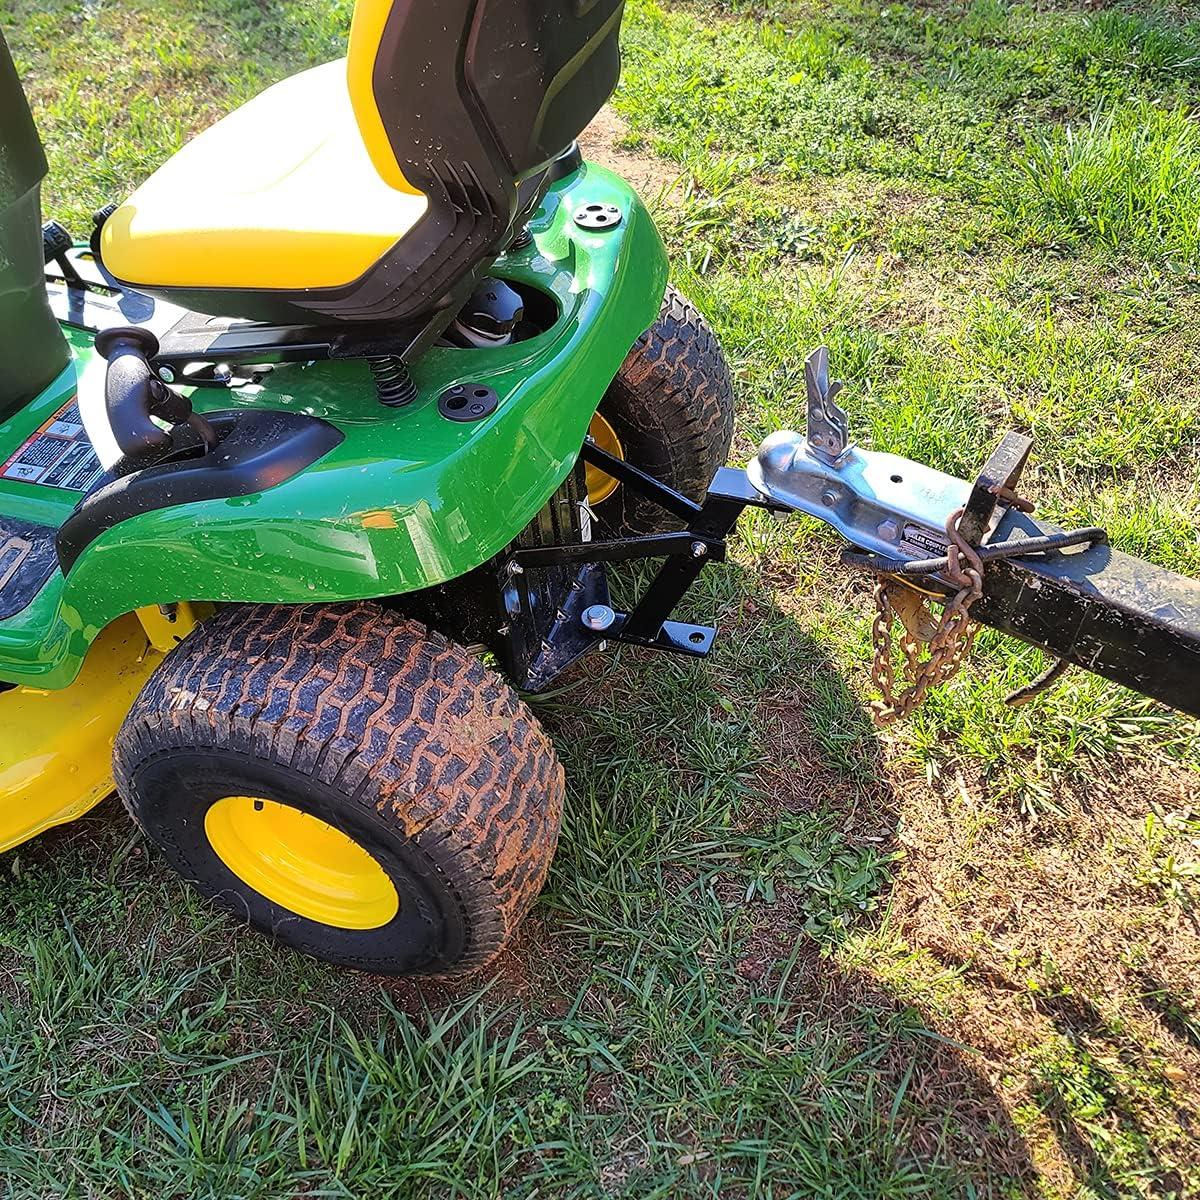 Patio, Lawn & Garden Lawn Tractor Attachments ghdonat.com Fivepine ...